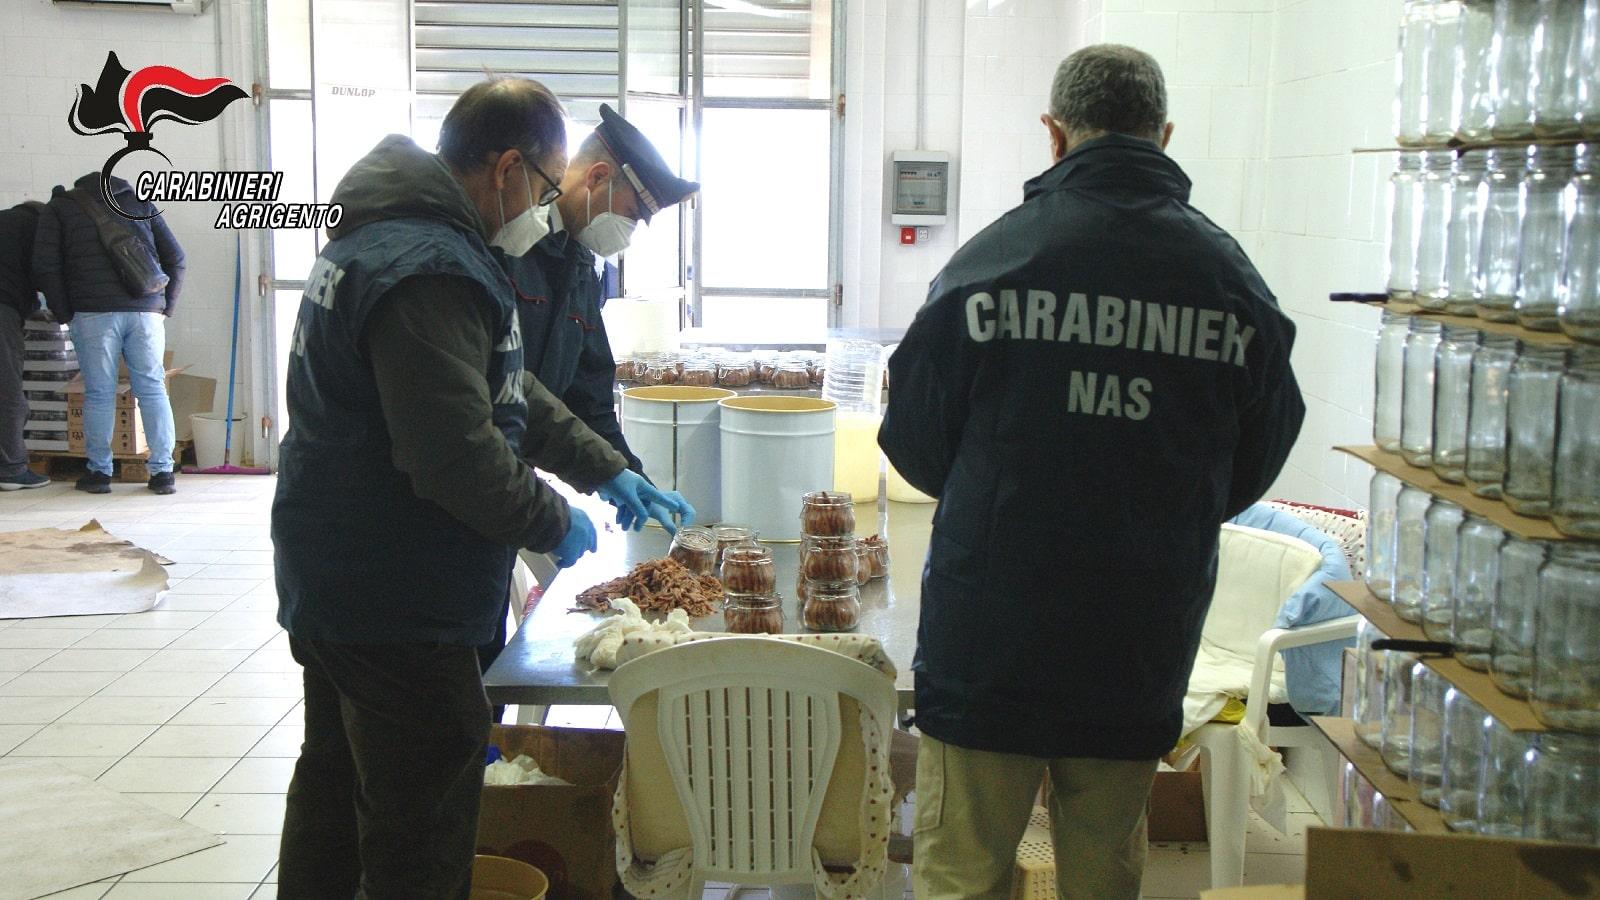 Frode in commercio, scoperto laboratorio abusivo che confezionava alimenti – Le FOTO